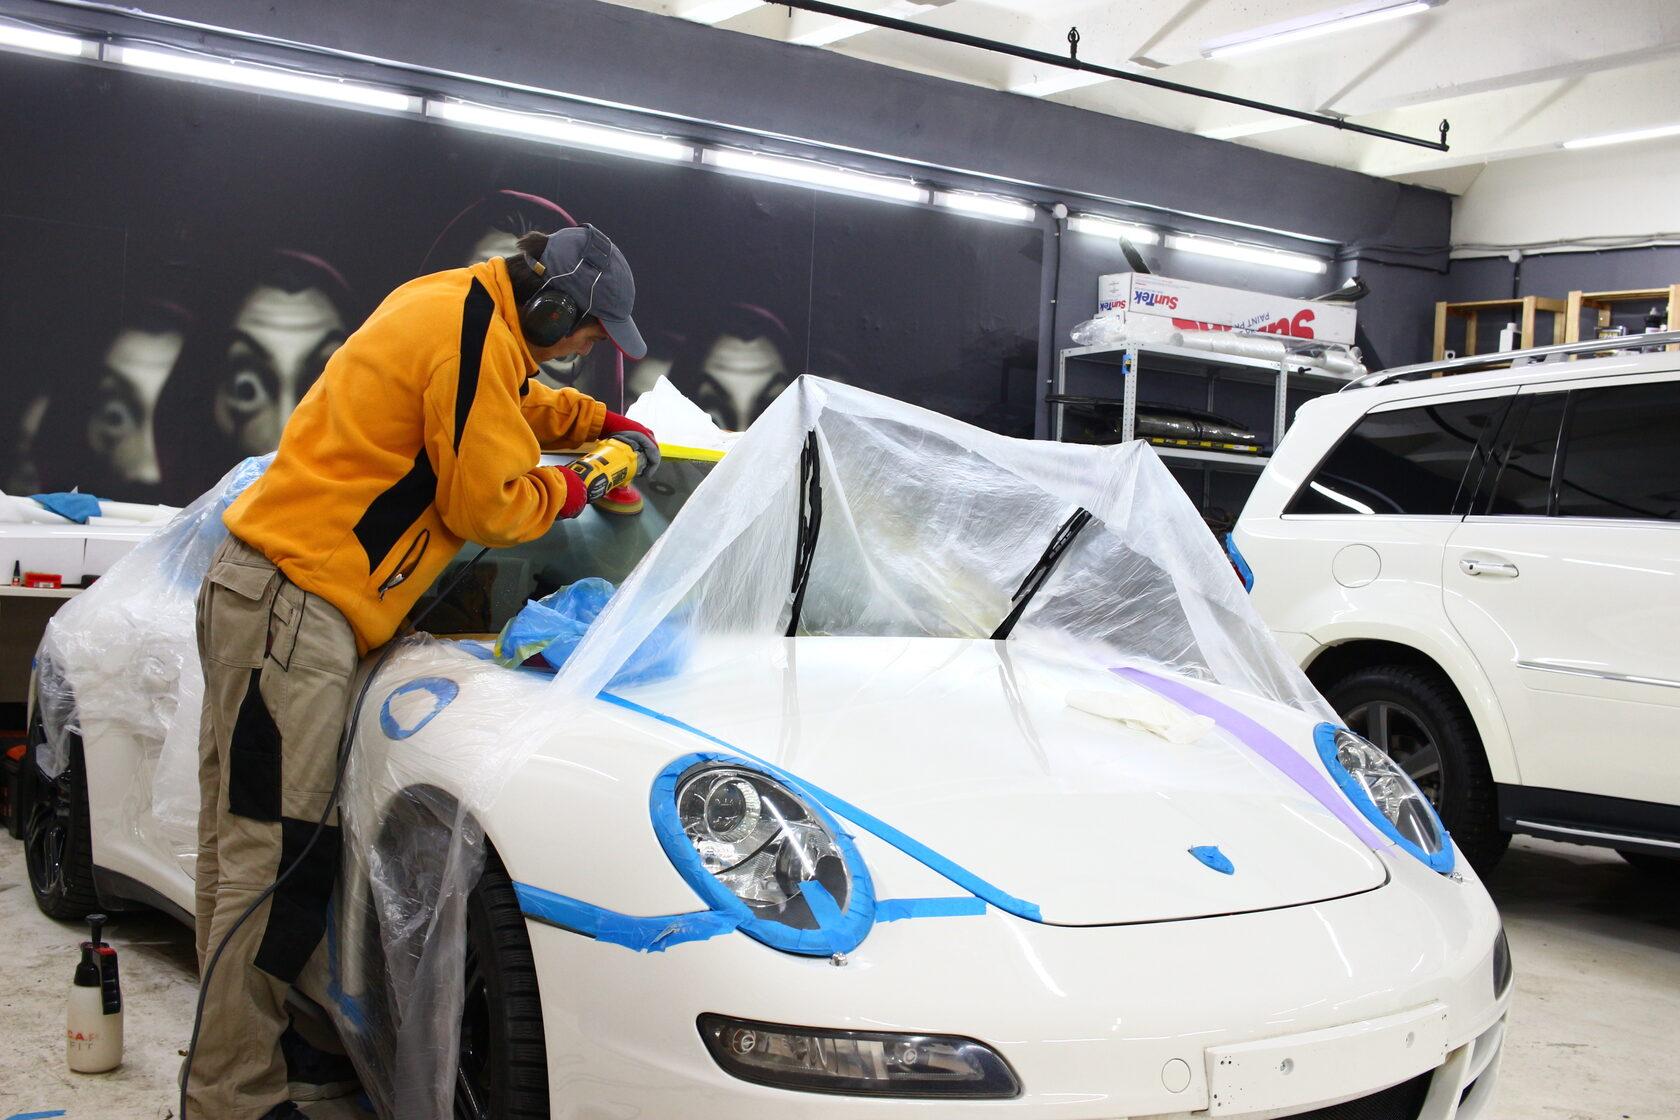 Porsche 911 Carrera 4S, порше 911, детейлинг, реставрация, покраска кожи, полирвока фар, детейлинг центр москва, полировка лобового стекла